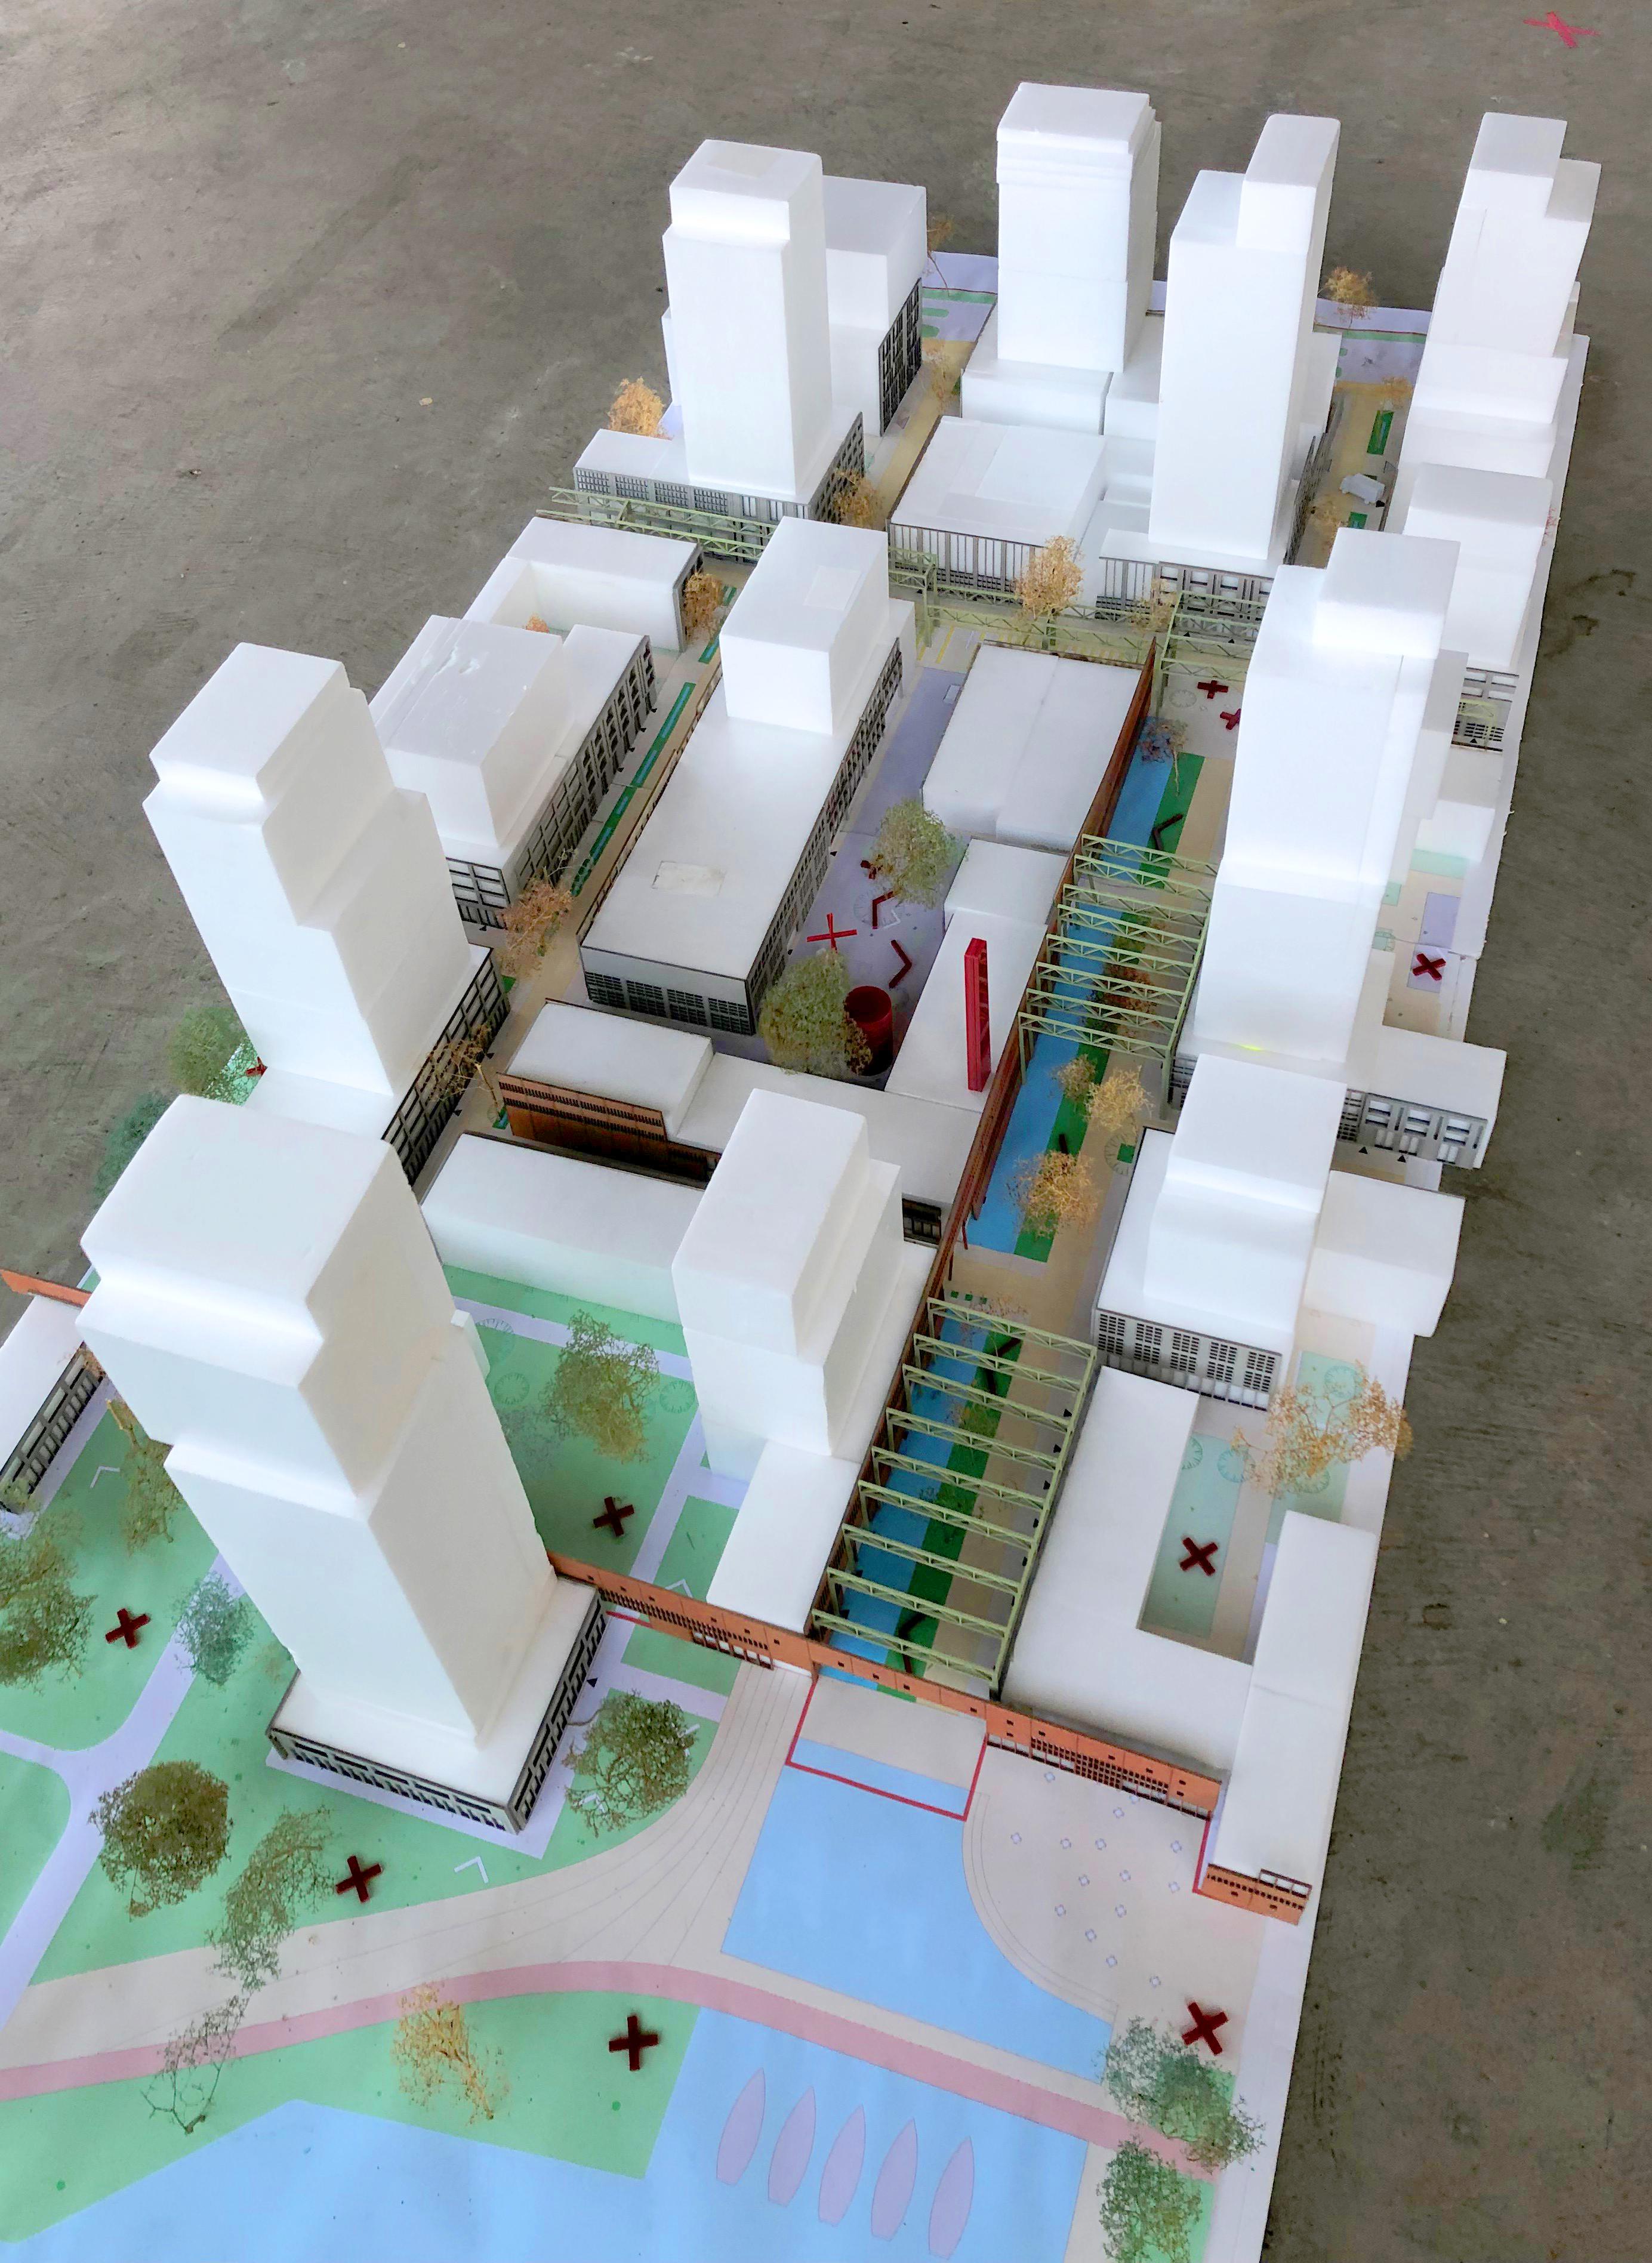 <p>Stedenbouwkundige voorbeelduitwerking in maquette</p>